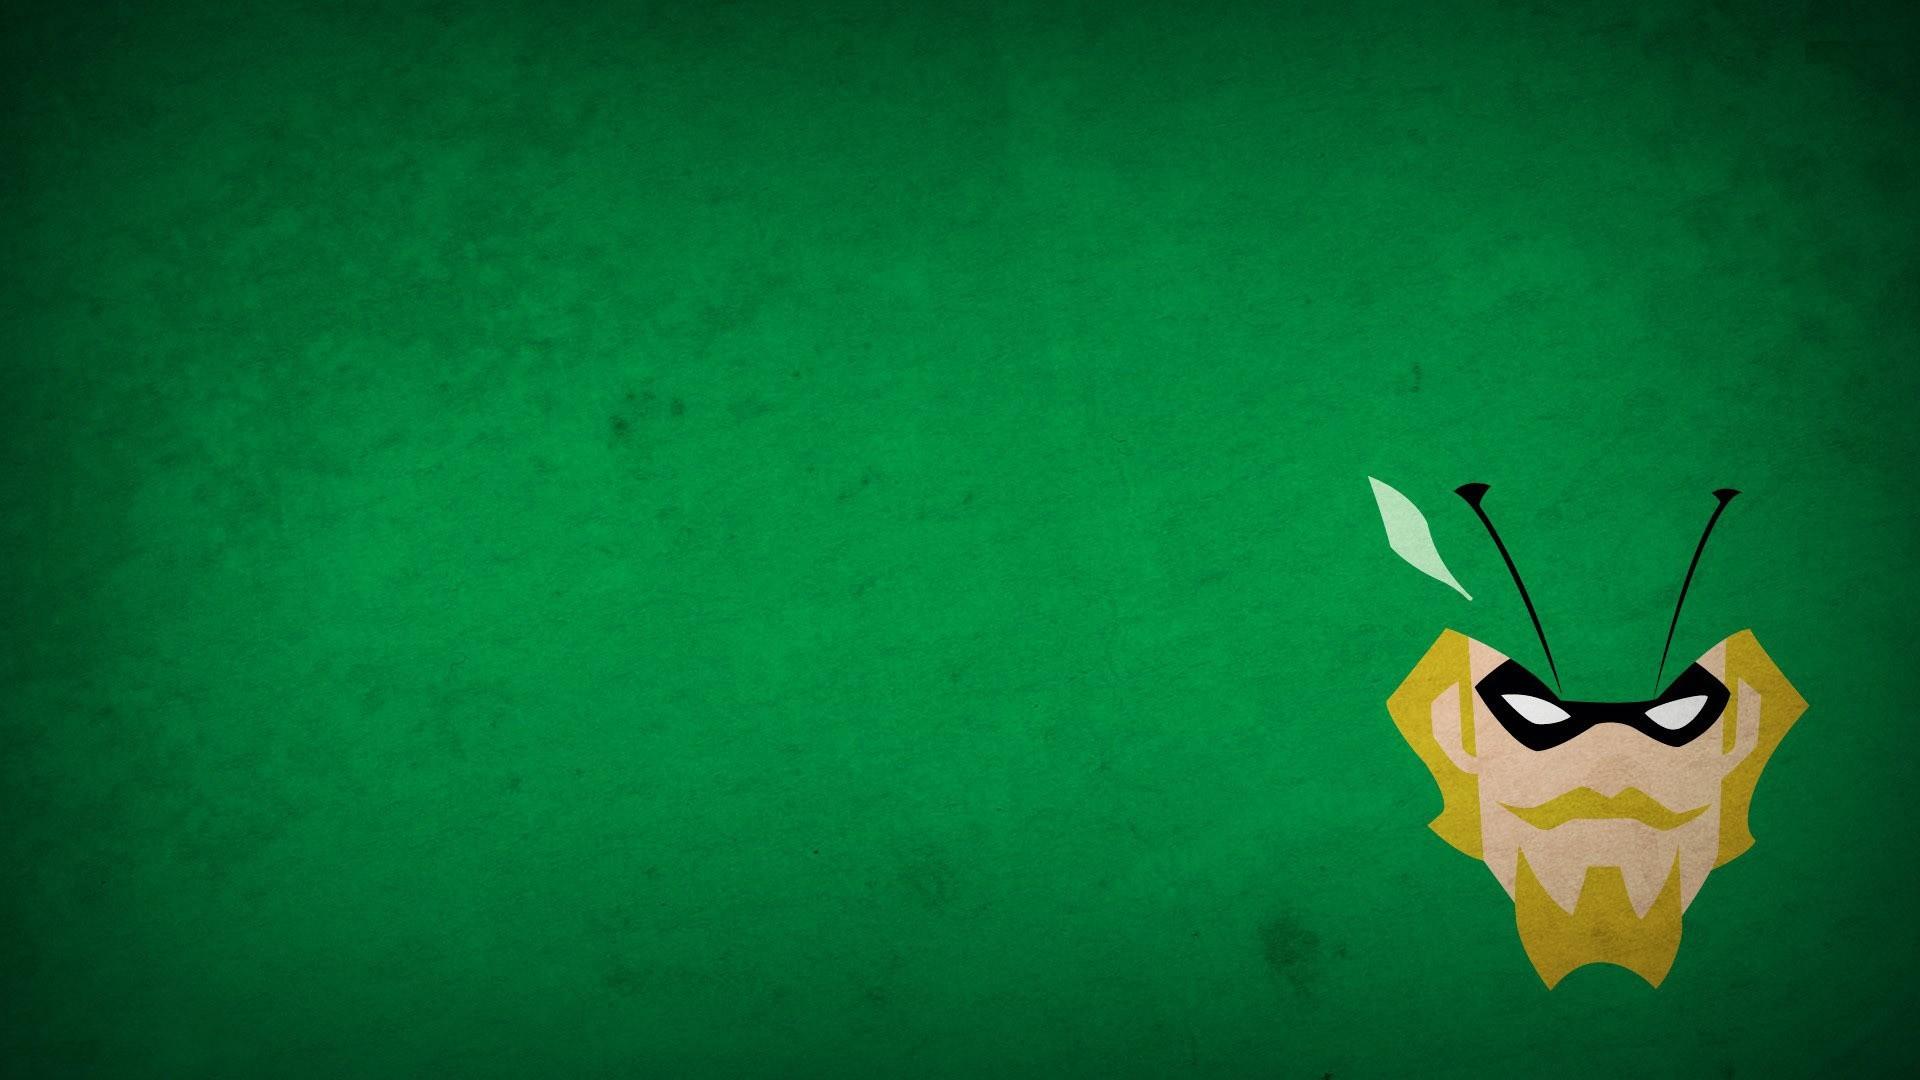 In Gallery: Green Arrow Wallpaper, Green Arrow HD Wallpapers 1920×1080 Arrow  Wallpaper